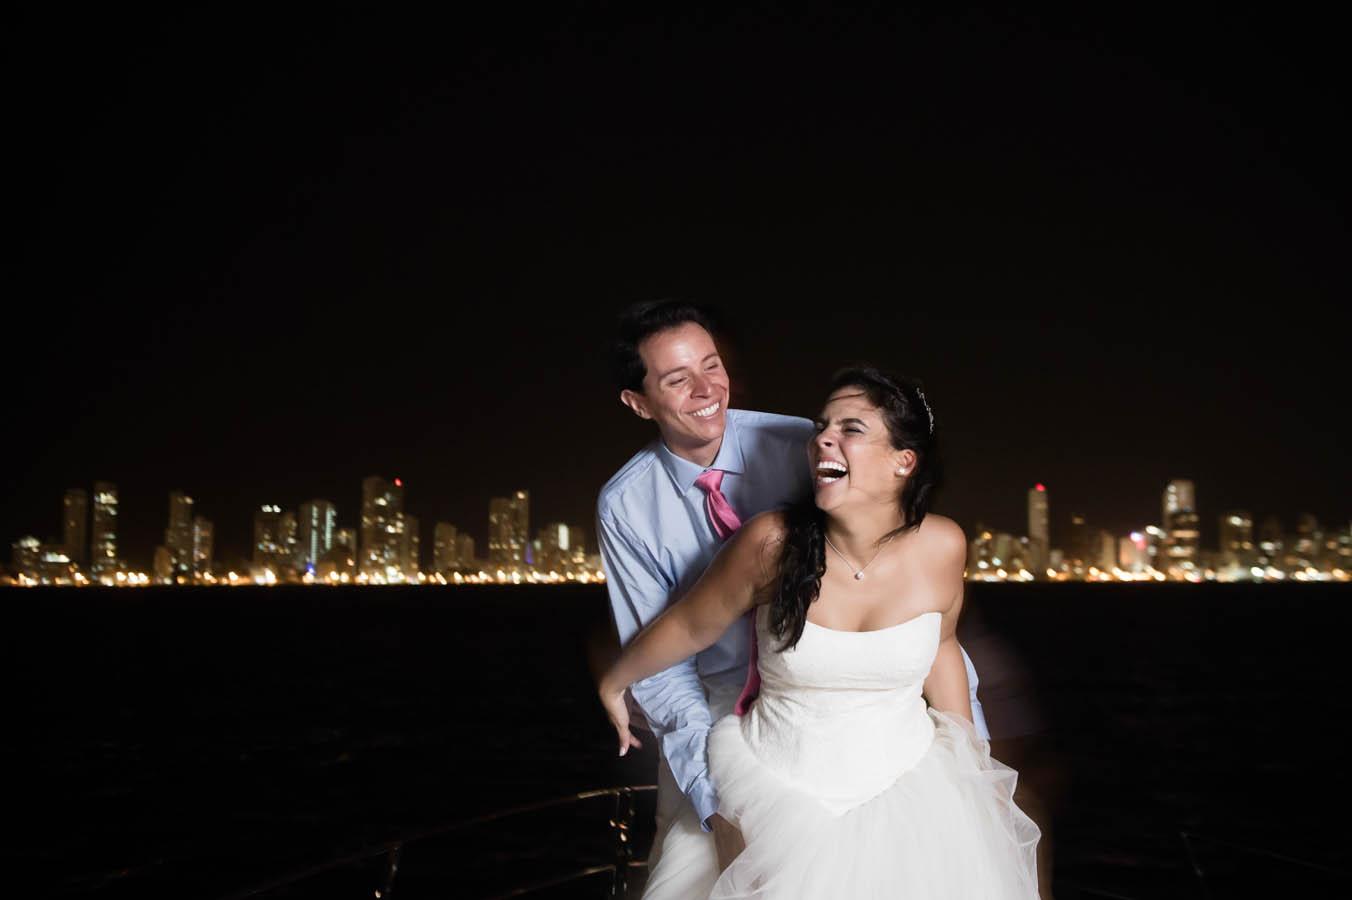 boda en el centro de convenciones de cartagena 14